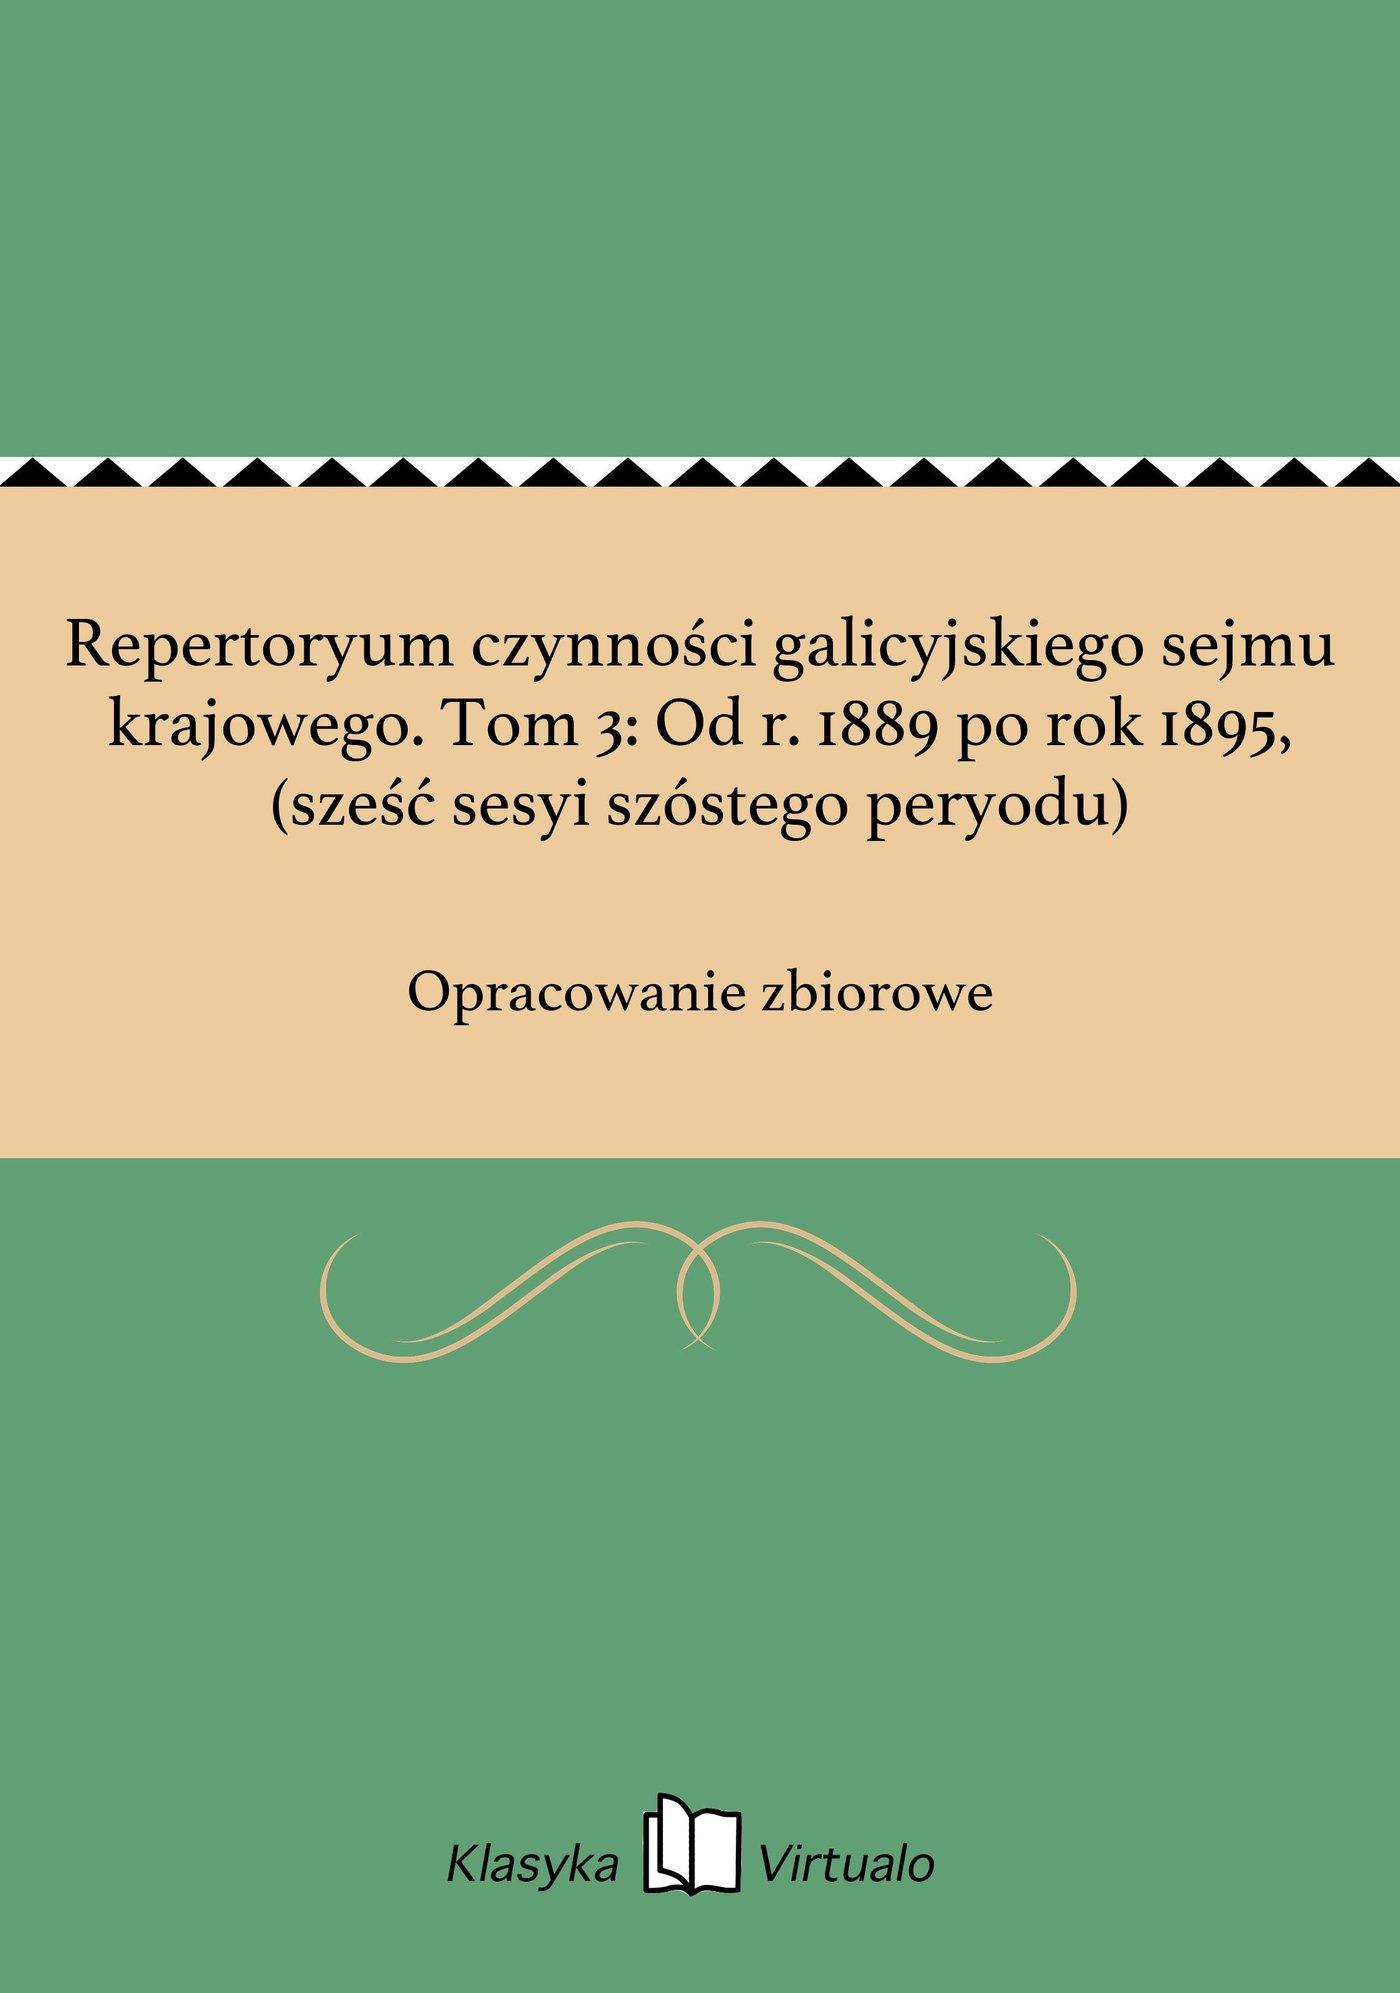 Repertoryum czynności galicyjskiego sejmu krajowego. Tom 3: Od r. 1889 po rok 1895, (sześć sesyi szóstego peryodu) - Ebook (Książka na Kindle) do pobrania w formacie MOBI